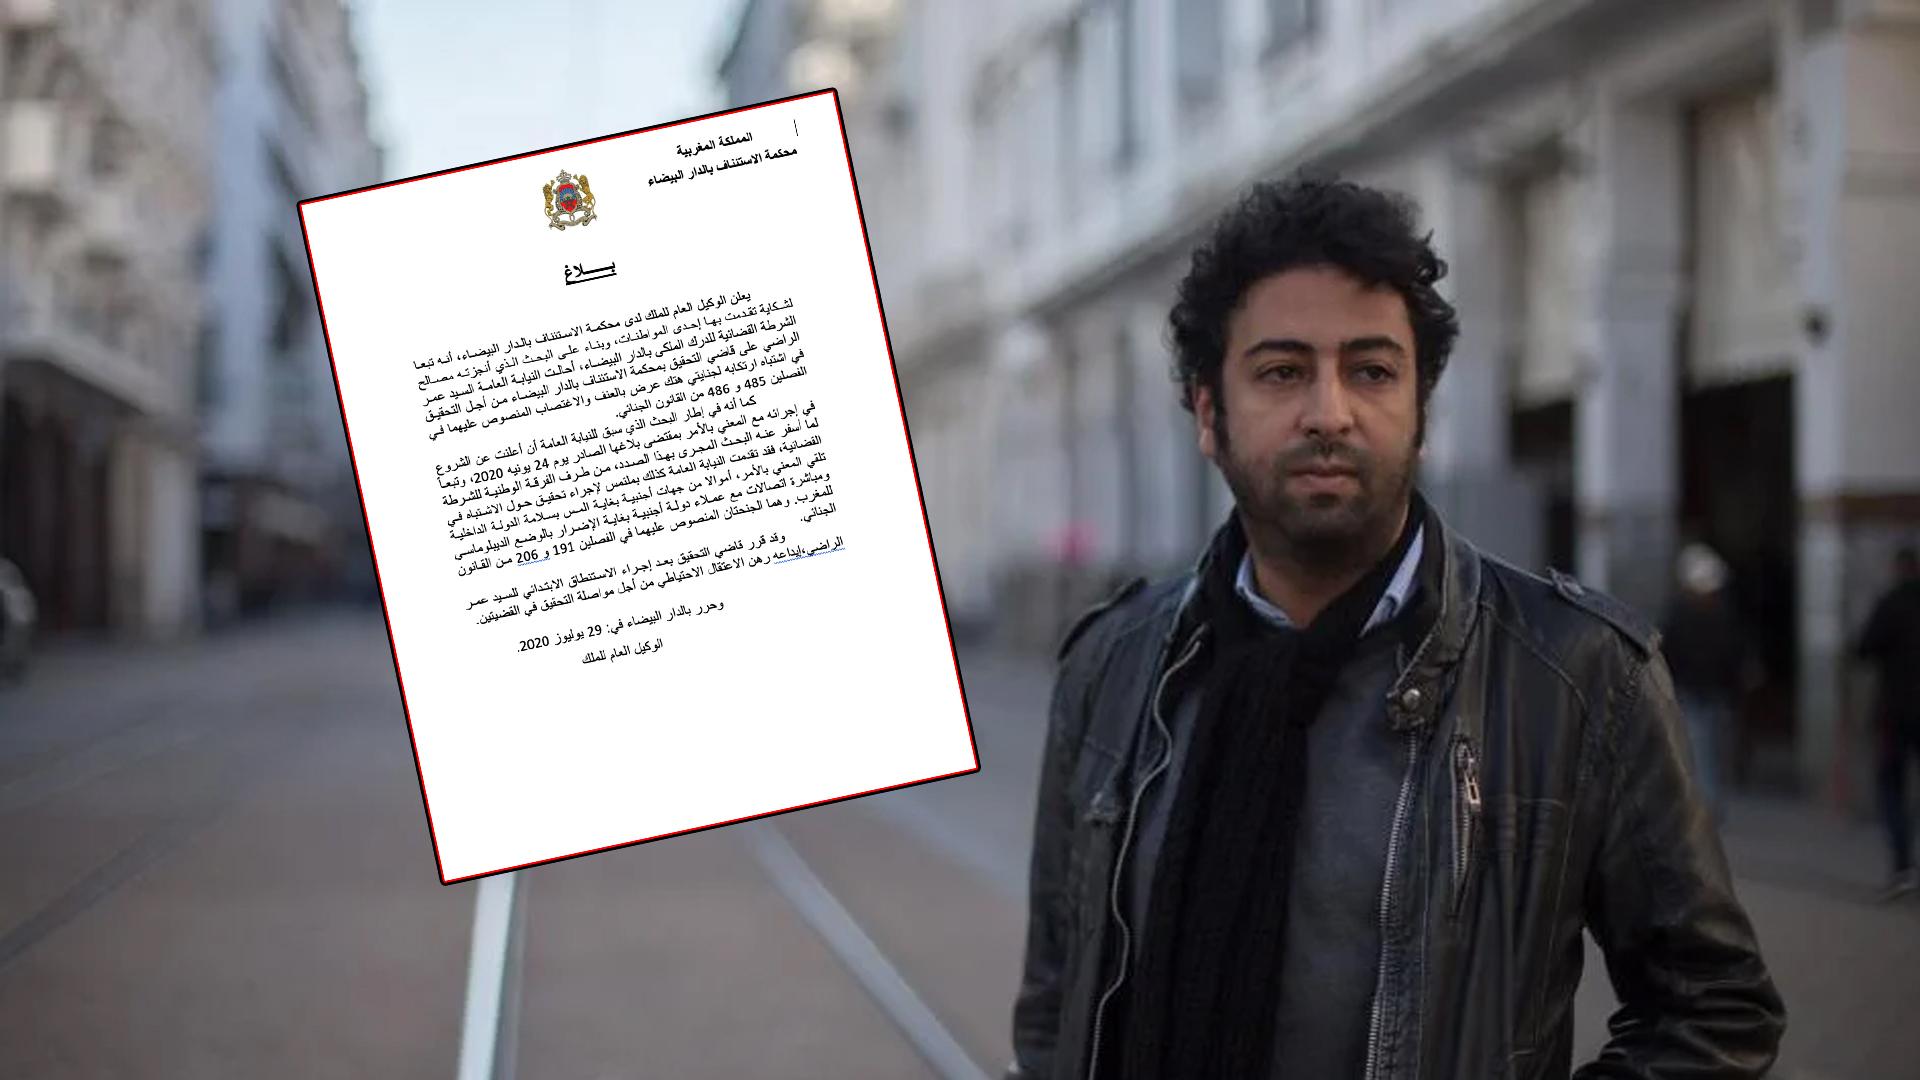 متابعة الصحافي عمر الراضي بتهمة الإغتصاب في حالة اعتقال